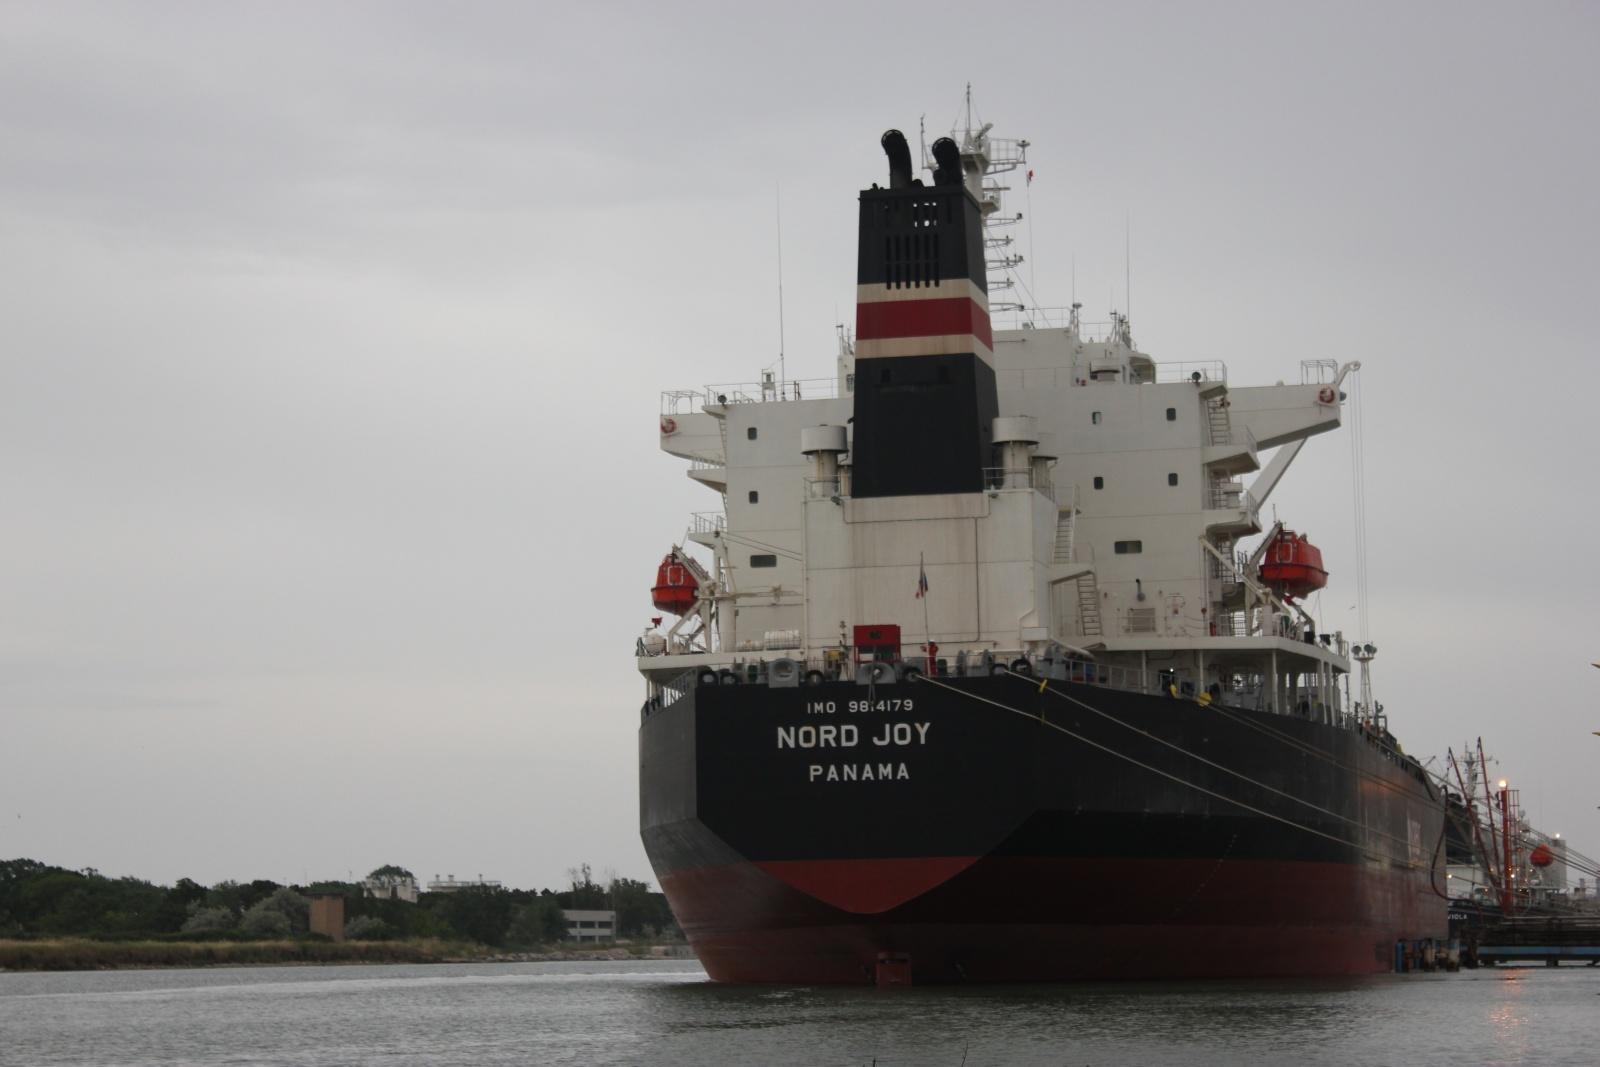 Nave Nord Joy, petroliera battente bandiera panamense, costruita nel '18, di proprietà della giapponese Ever Bright Shipping SA, arrivata a Ravenna il 16 Maggio '20 e avvistata da noi sempre il 16, proveniente dalla Turchia e diretta ora in Spagna.